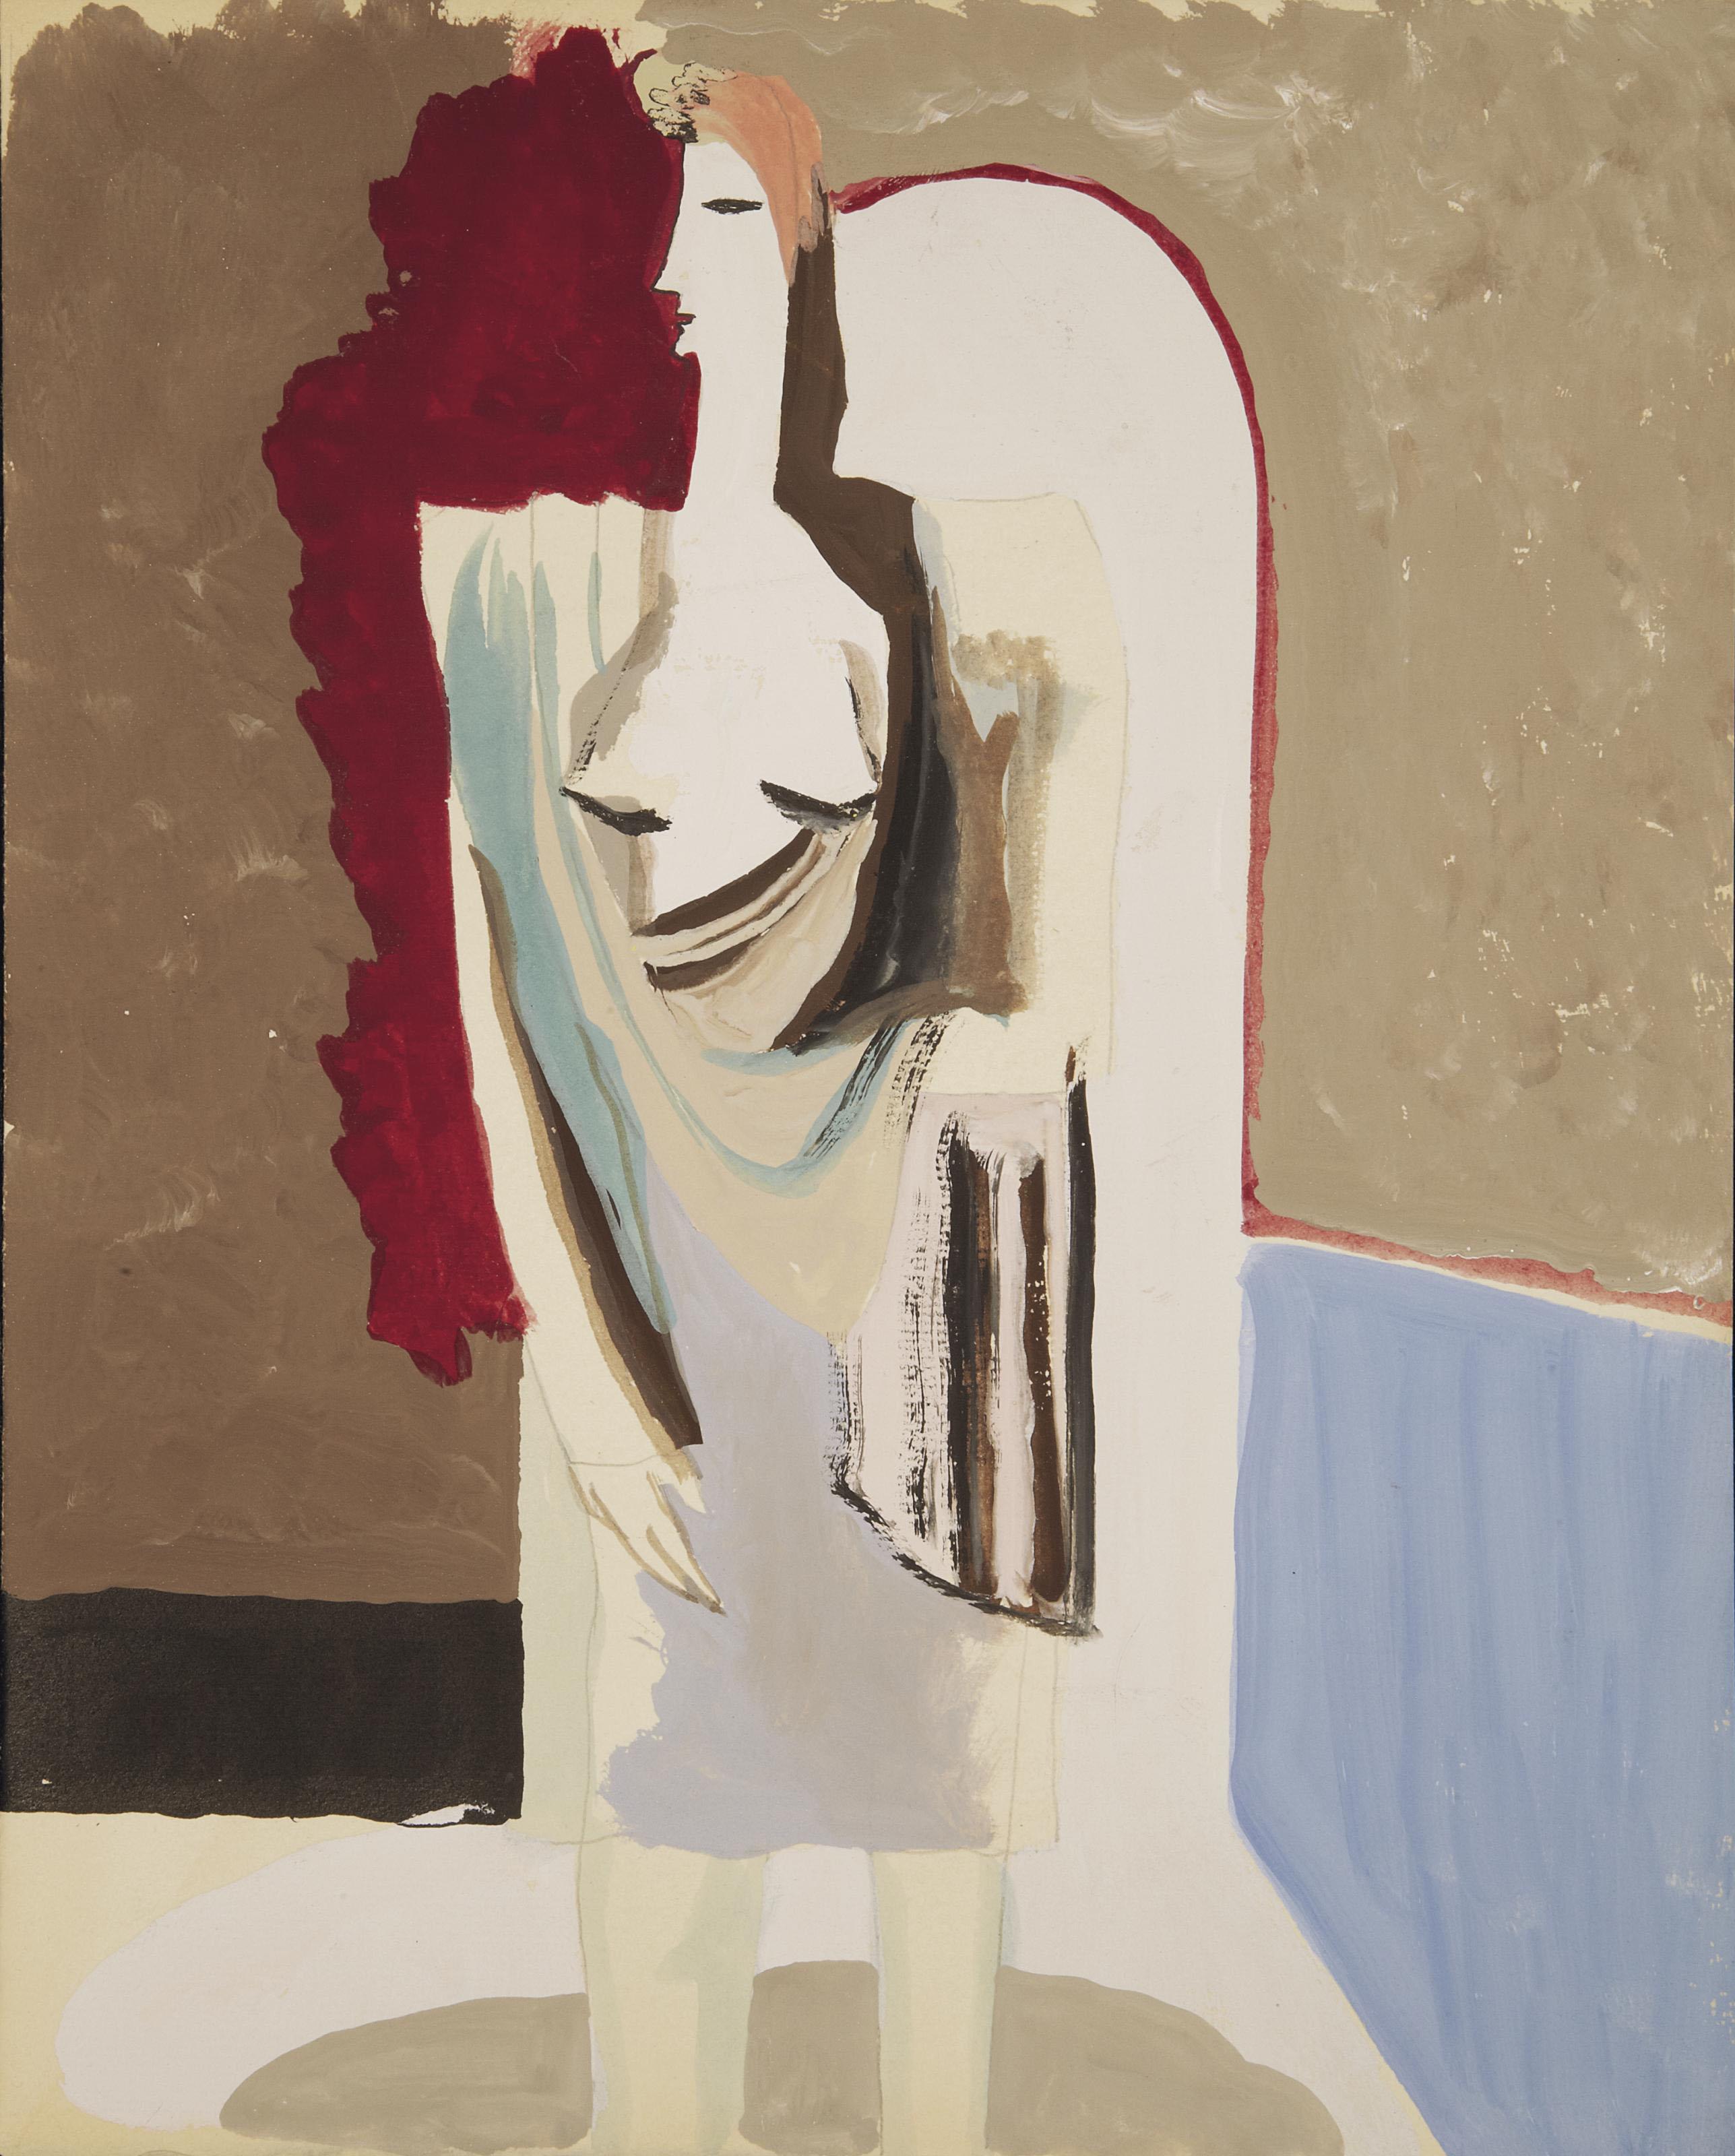 SOUPAULT, Philippe (1897-1990). Jean Lurçat. Paris: Cahiers d'art, 1928.